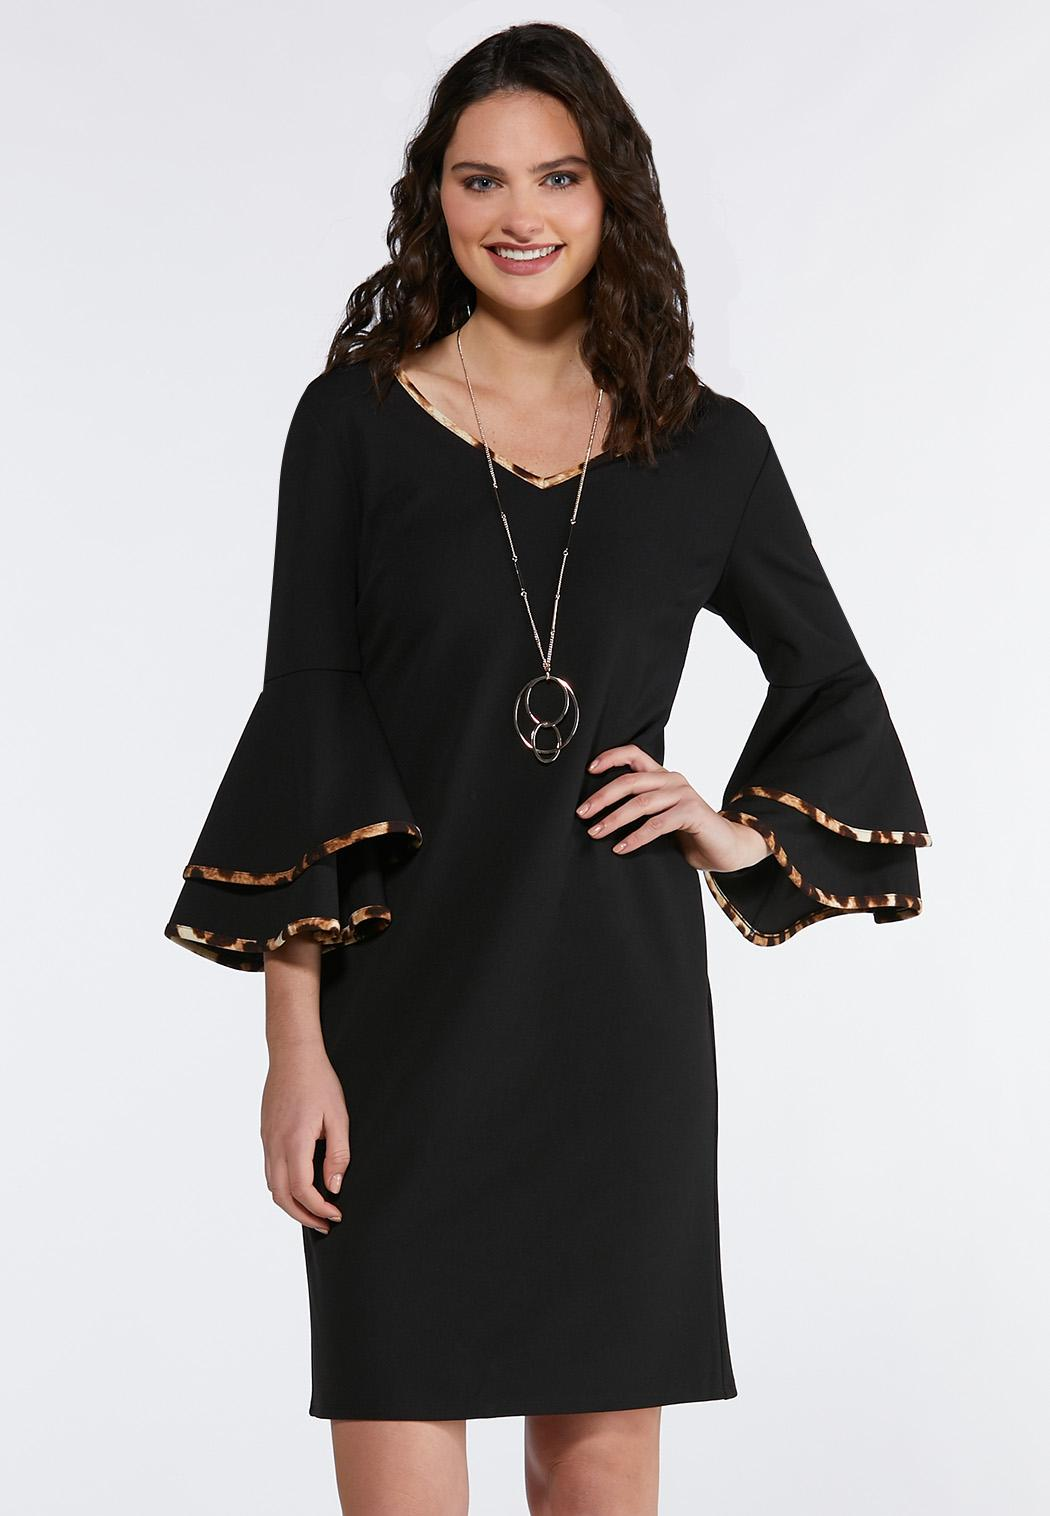 c4f73e3c3a032c Plus Size Contrast Flutter Sleeve Sheath Dress Plus Sizes Cato ...